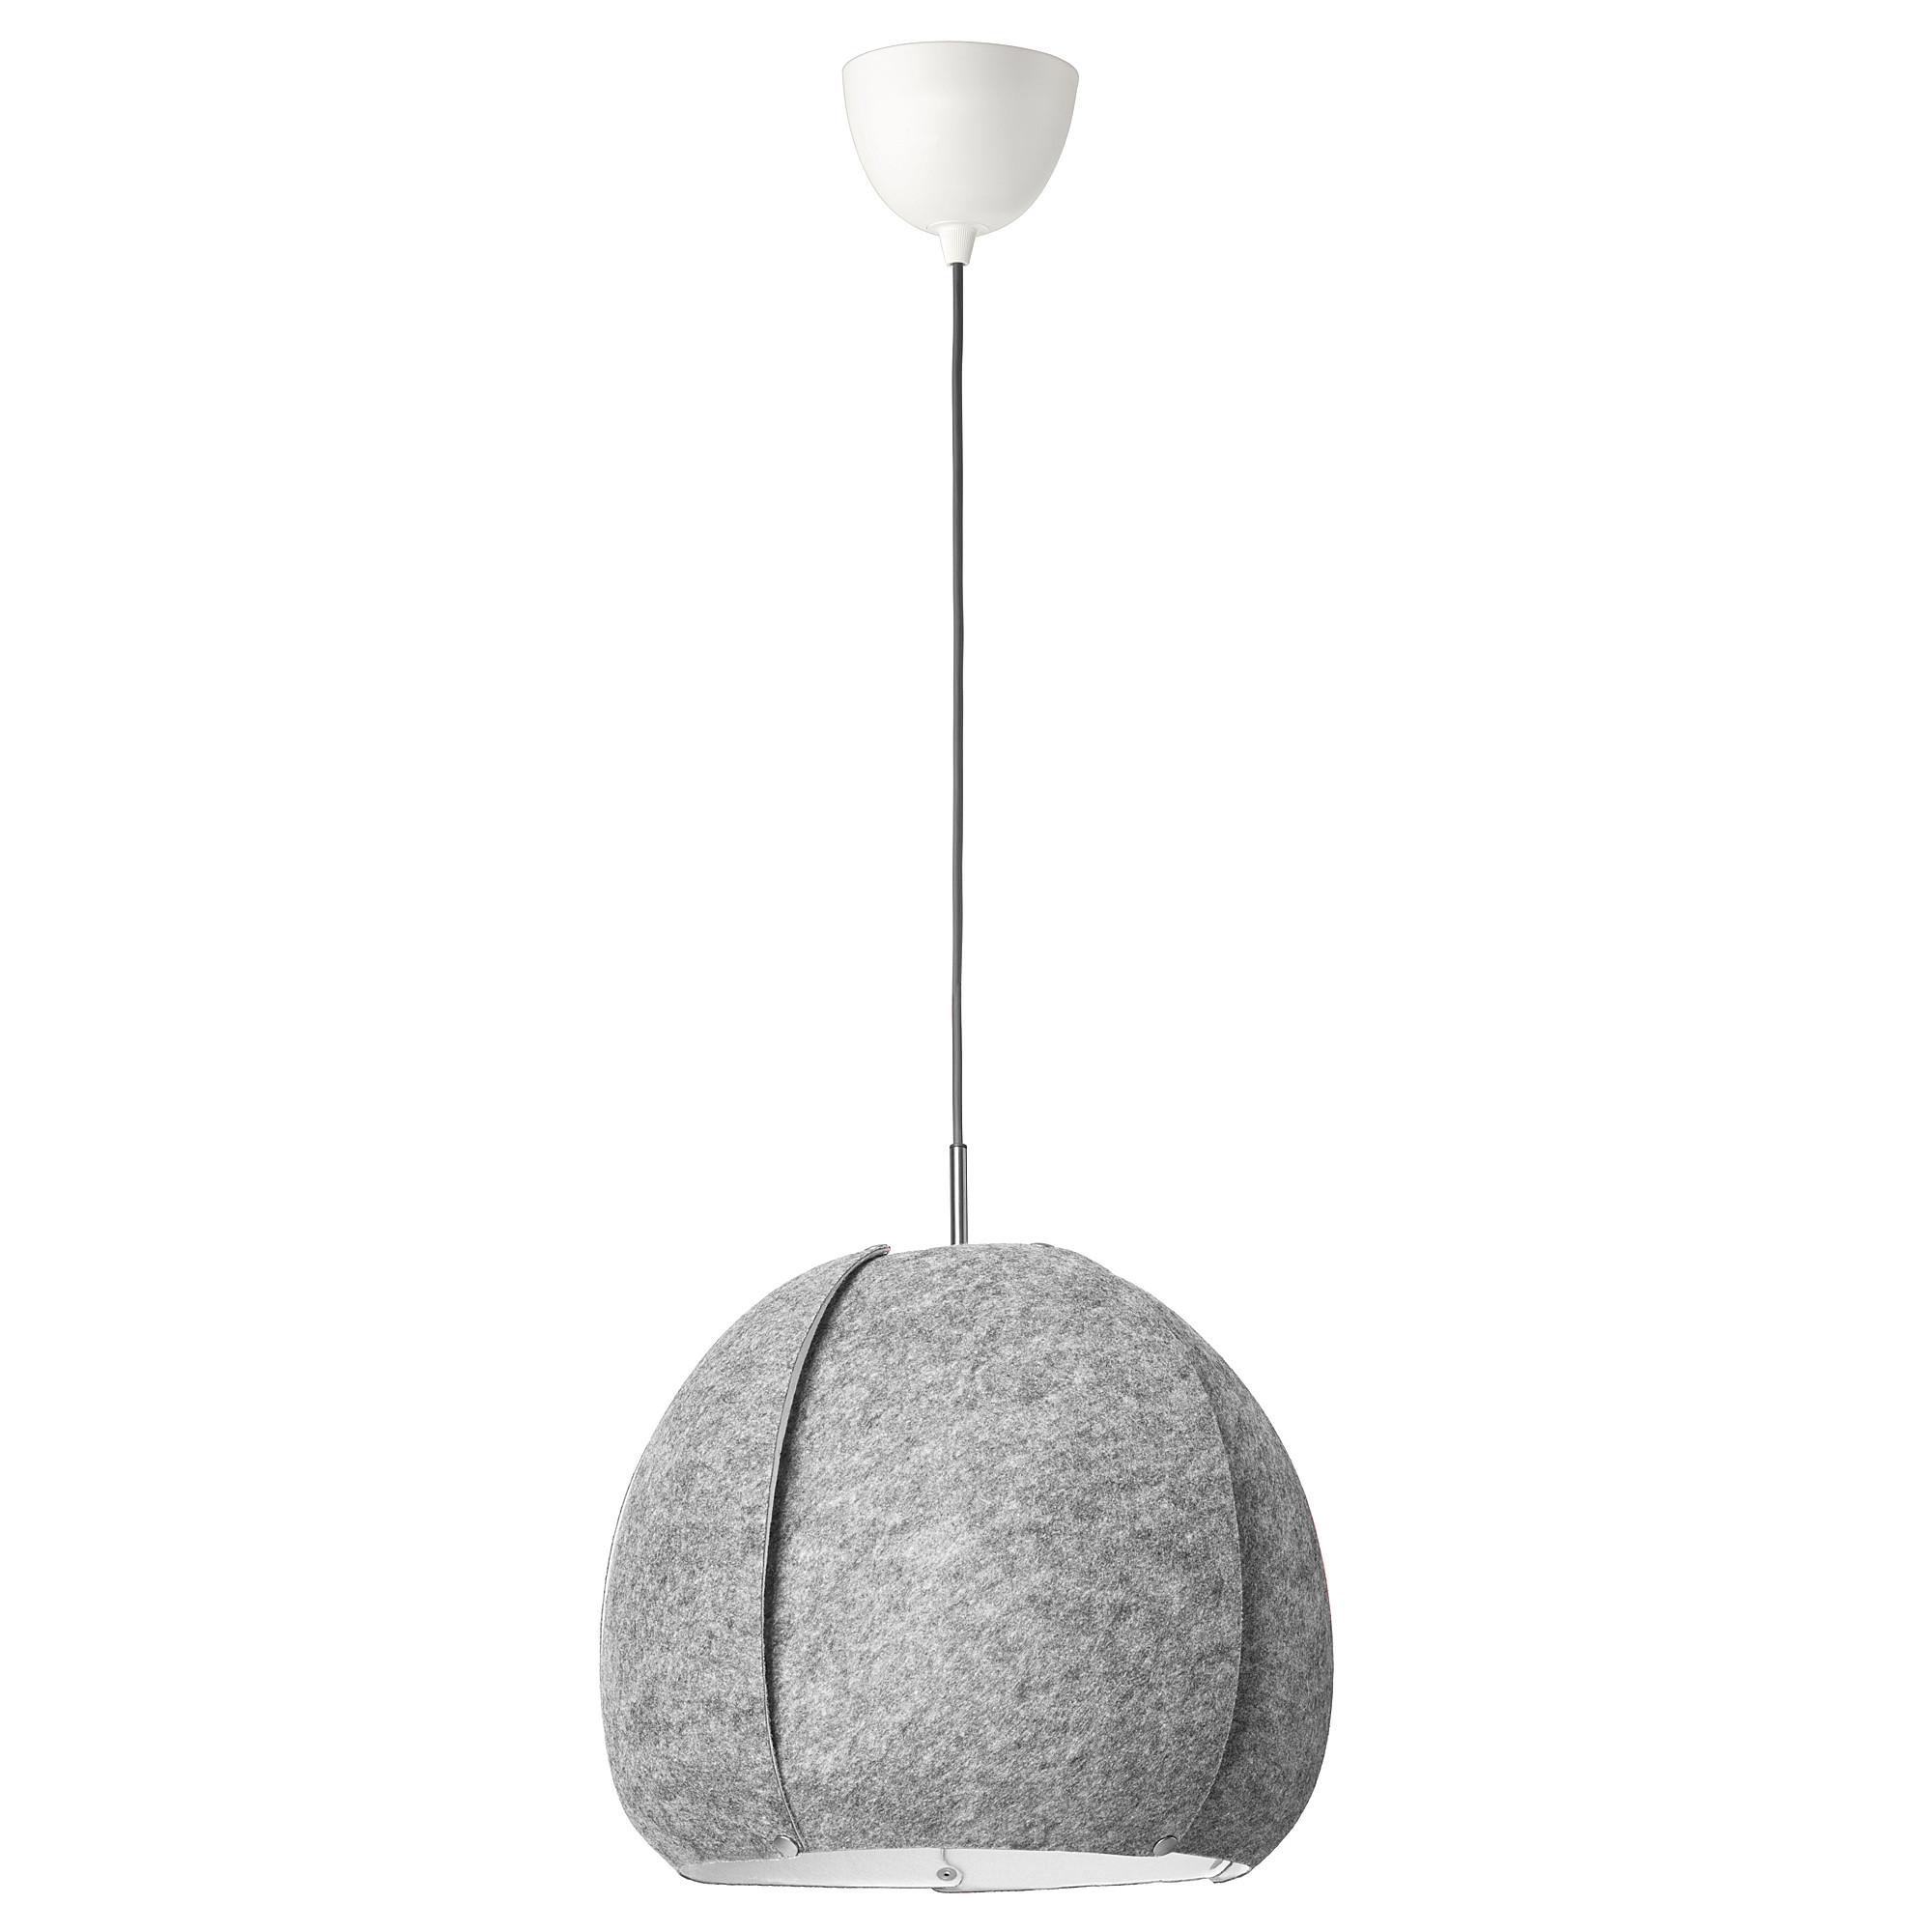 Full Size of Gnstig Online Kaufen Wohnzimmer Ikea Miniküche Modulküche Sofa Mit Schlaffunktion Küche Kosten Schlafzimmer Led Bad Betten 160x200 Bei Wohnzimmer Deckenleuchte Ikea